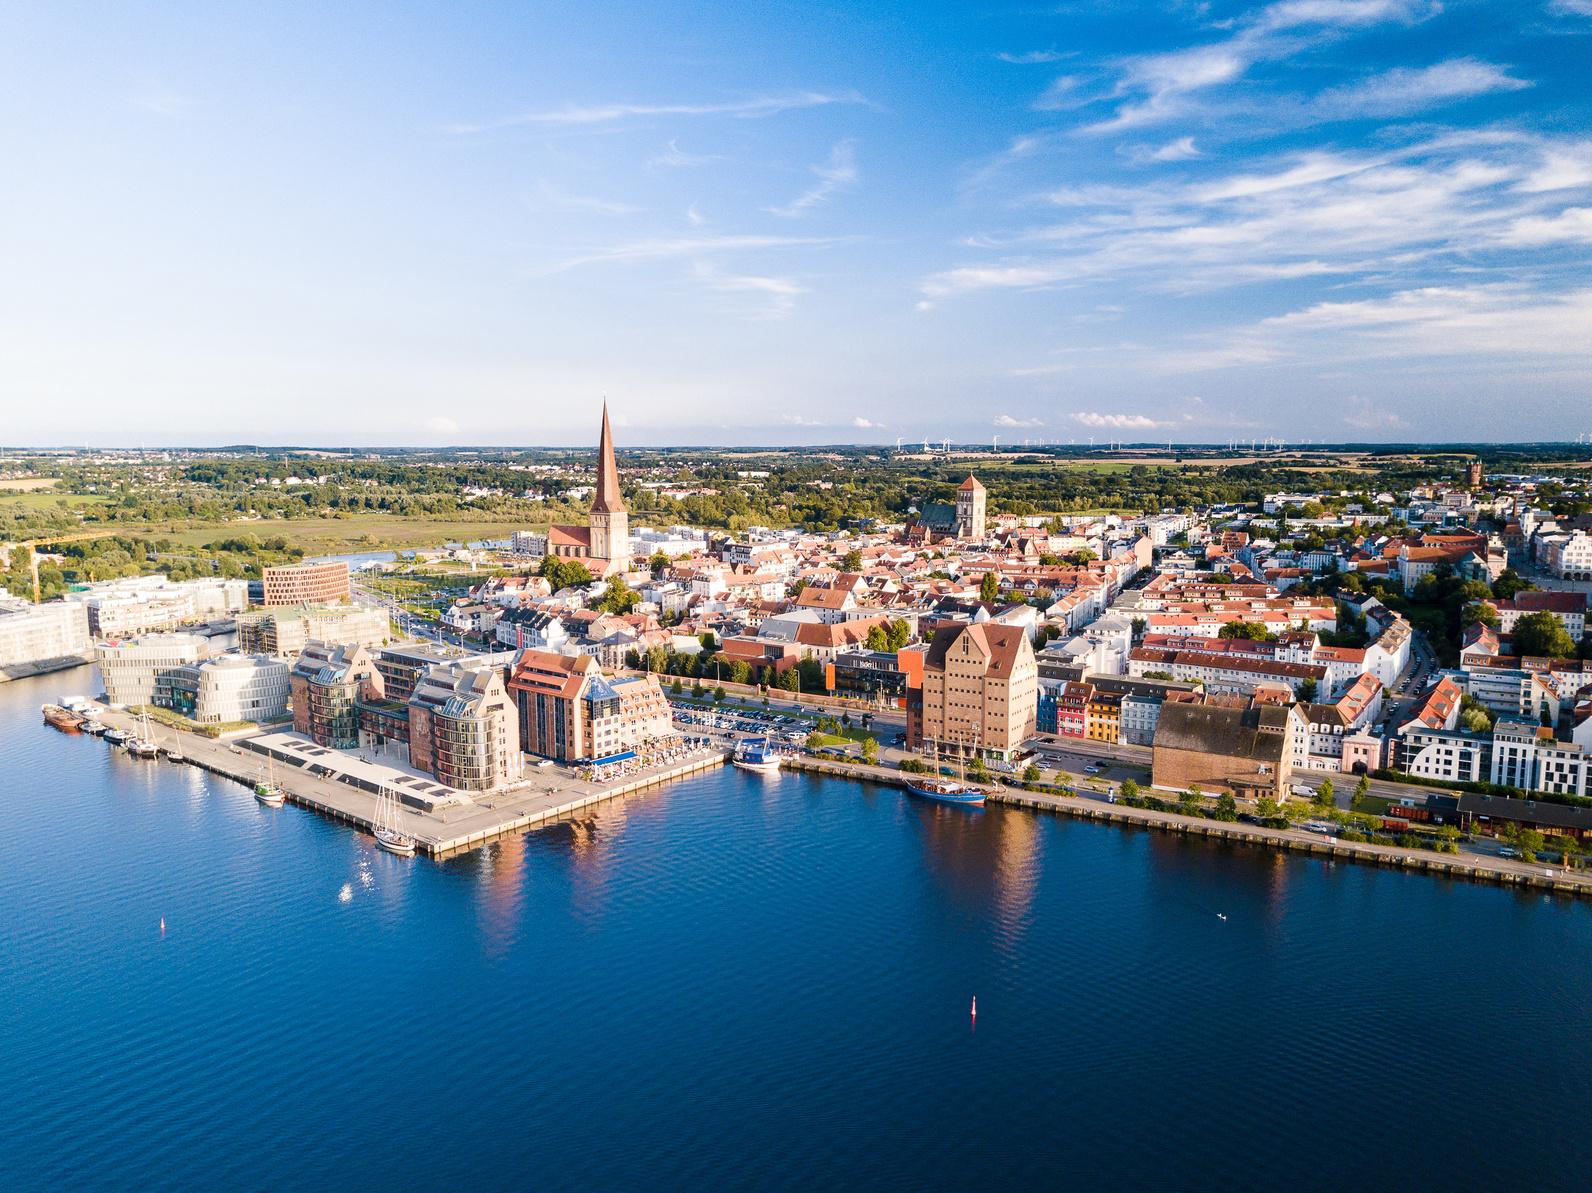 Baureinigung-Rostock und Ö&I CLERAN group GmbH sorgt in der Hansestadt für Sauberkeit.